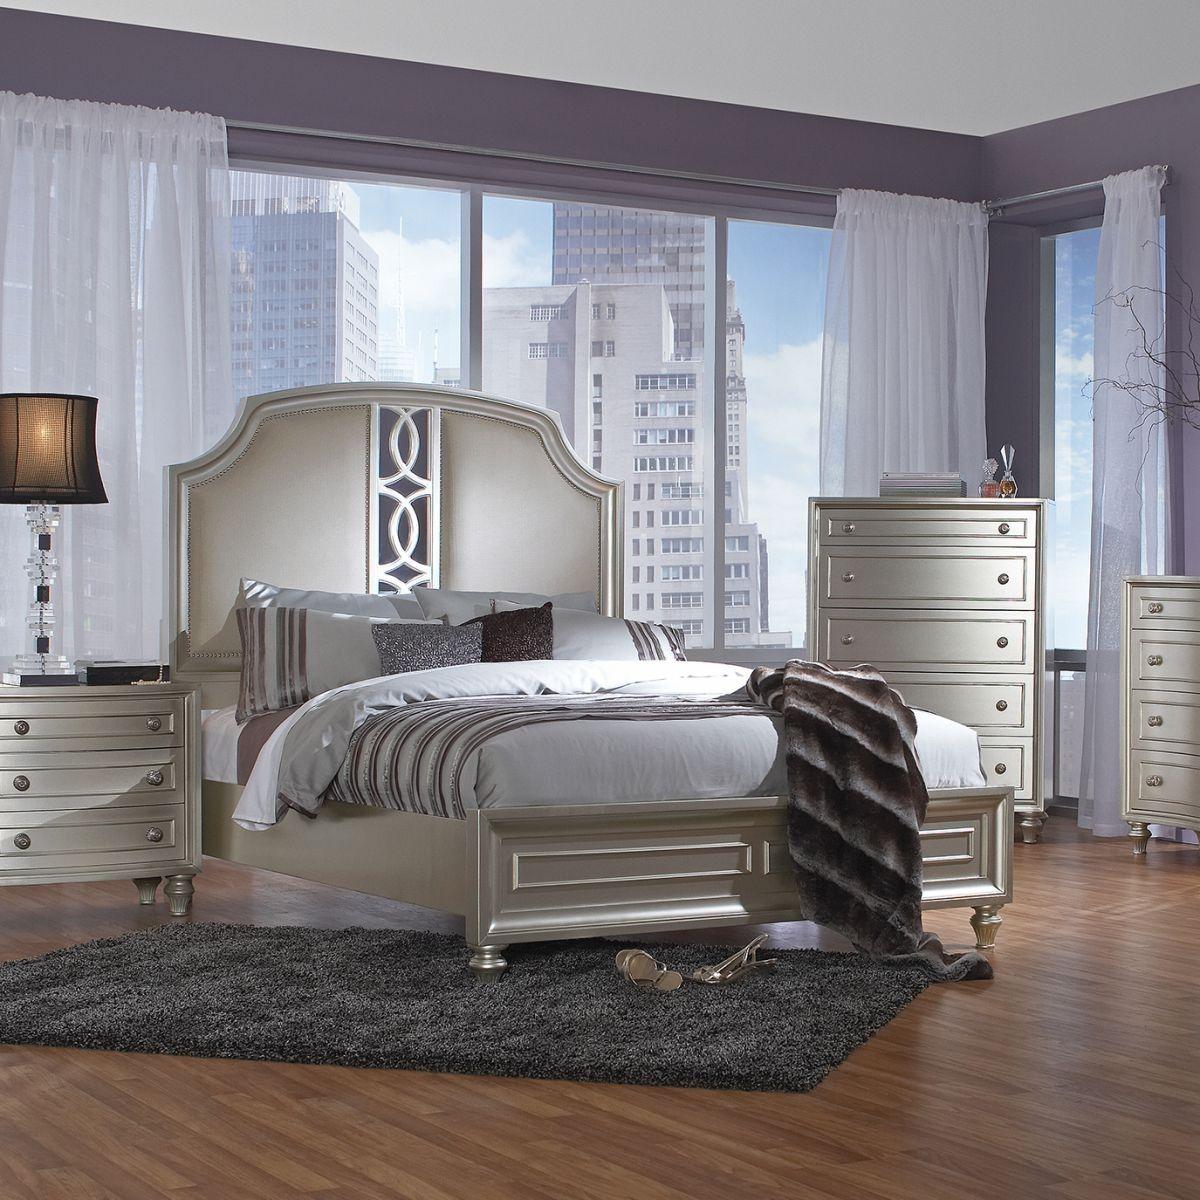 Regency Park Platinum 5 Pc King Bedroom Bedroom Sets In